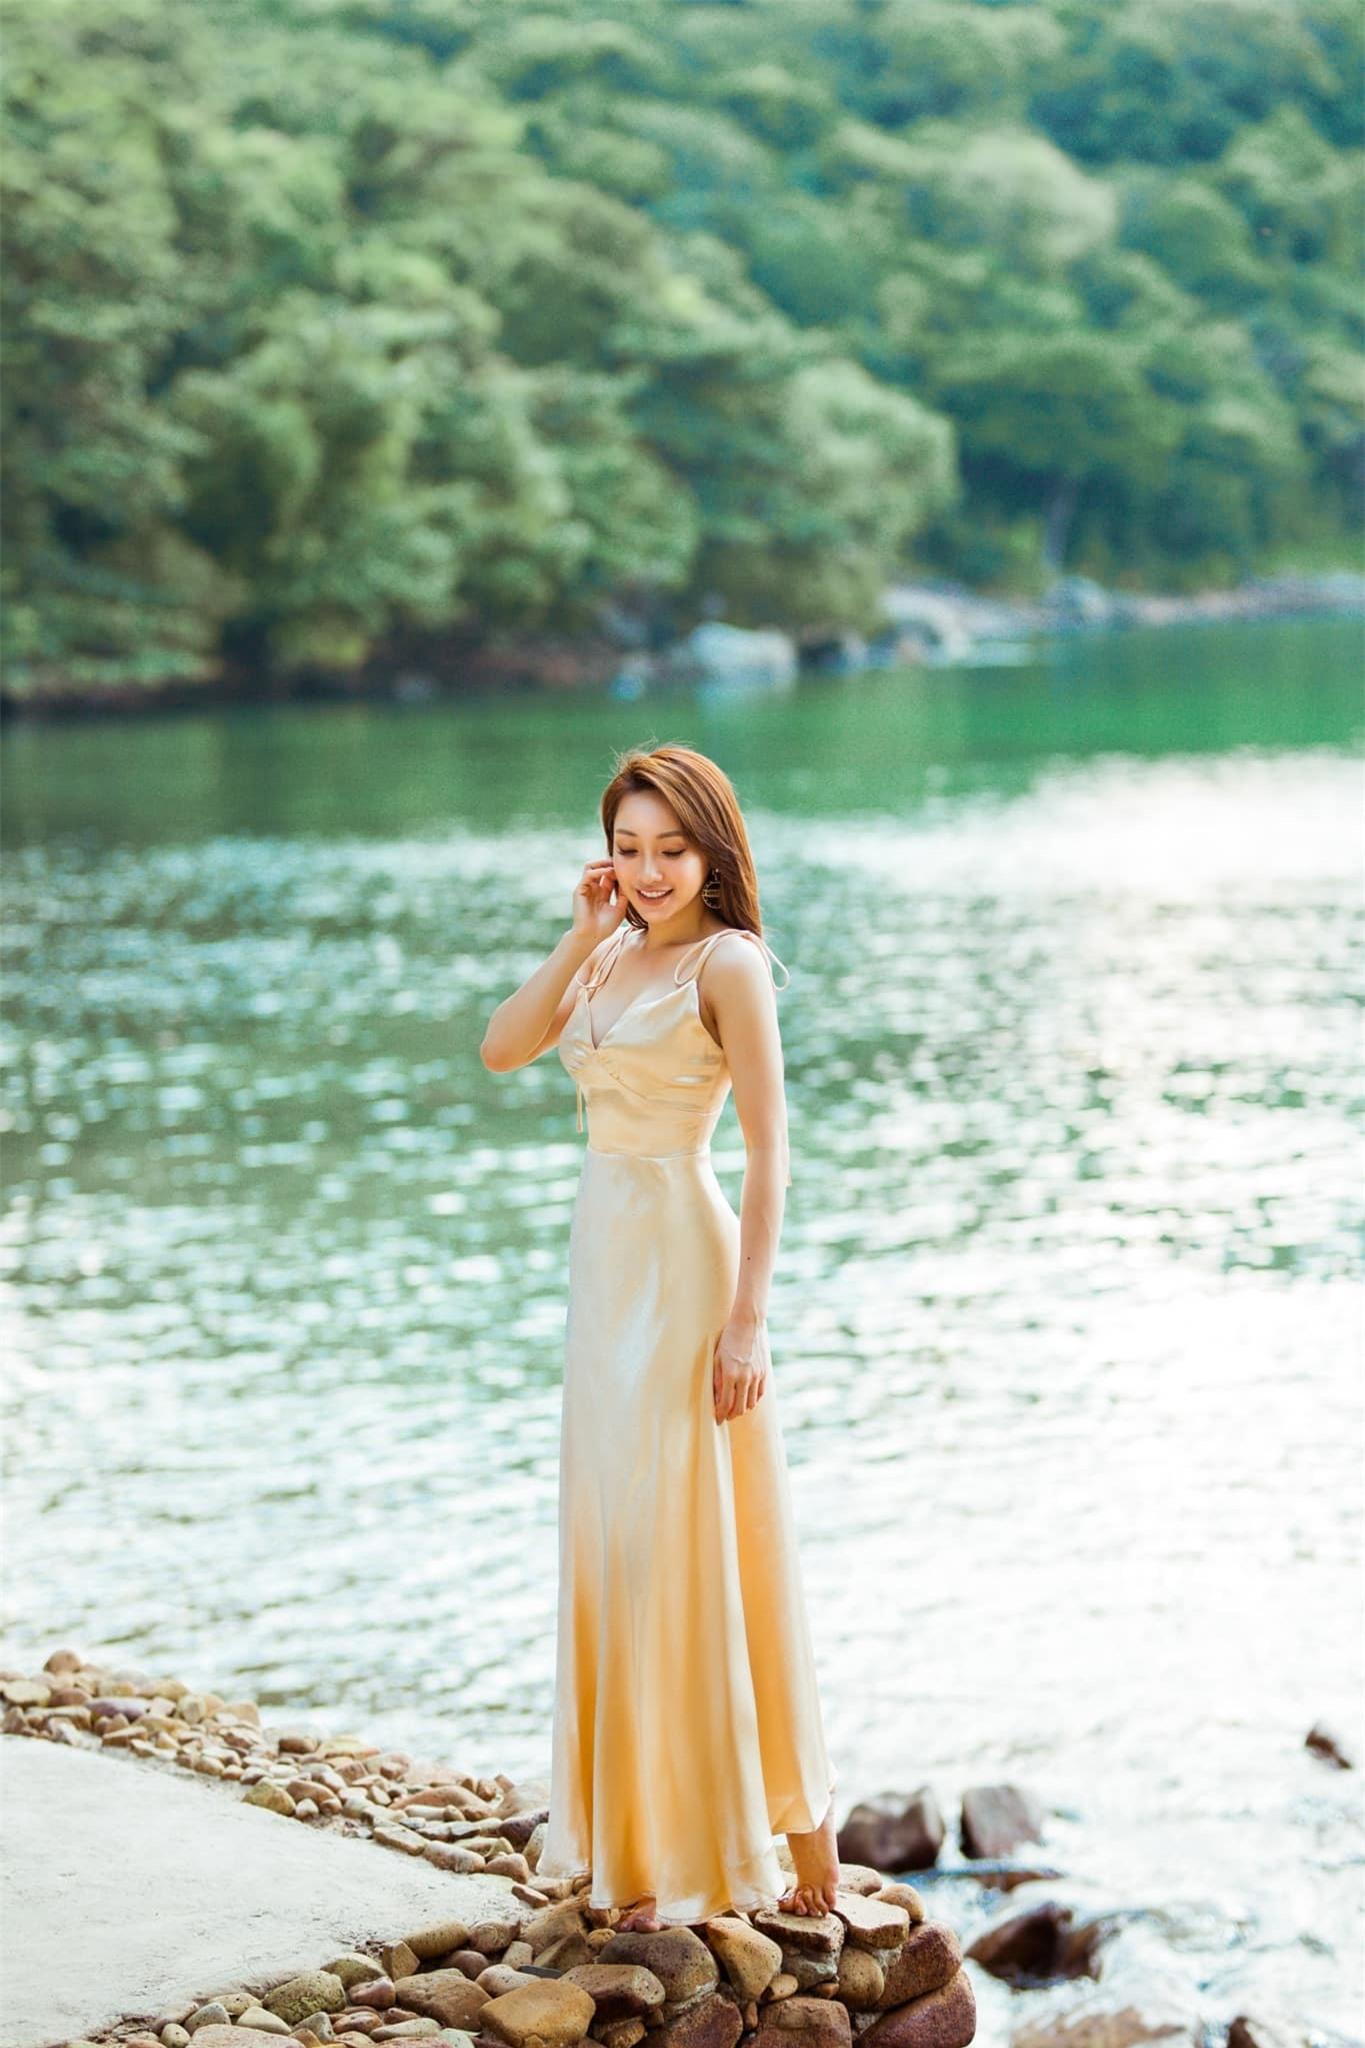 Nhan sắc bạn gái kém 16 tuổi khiến diễn viên Chi Bảo say mê